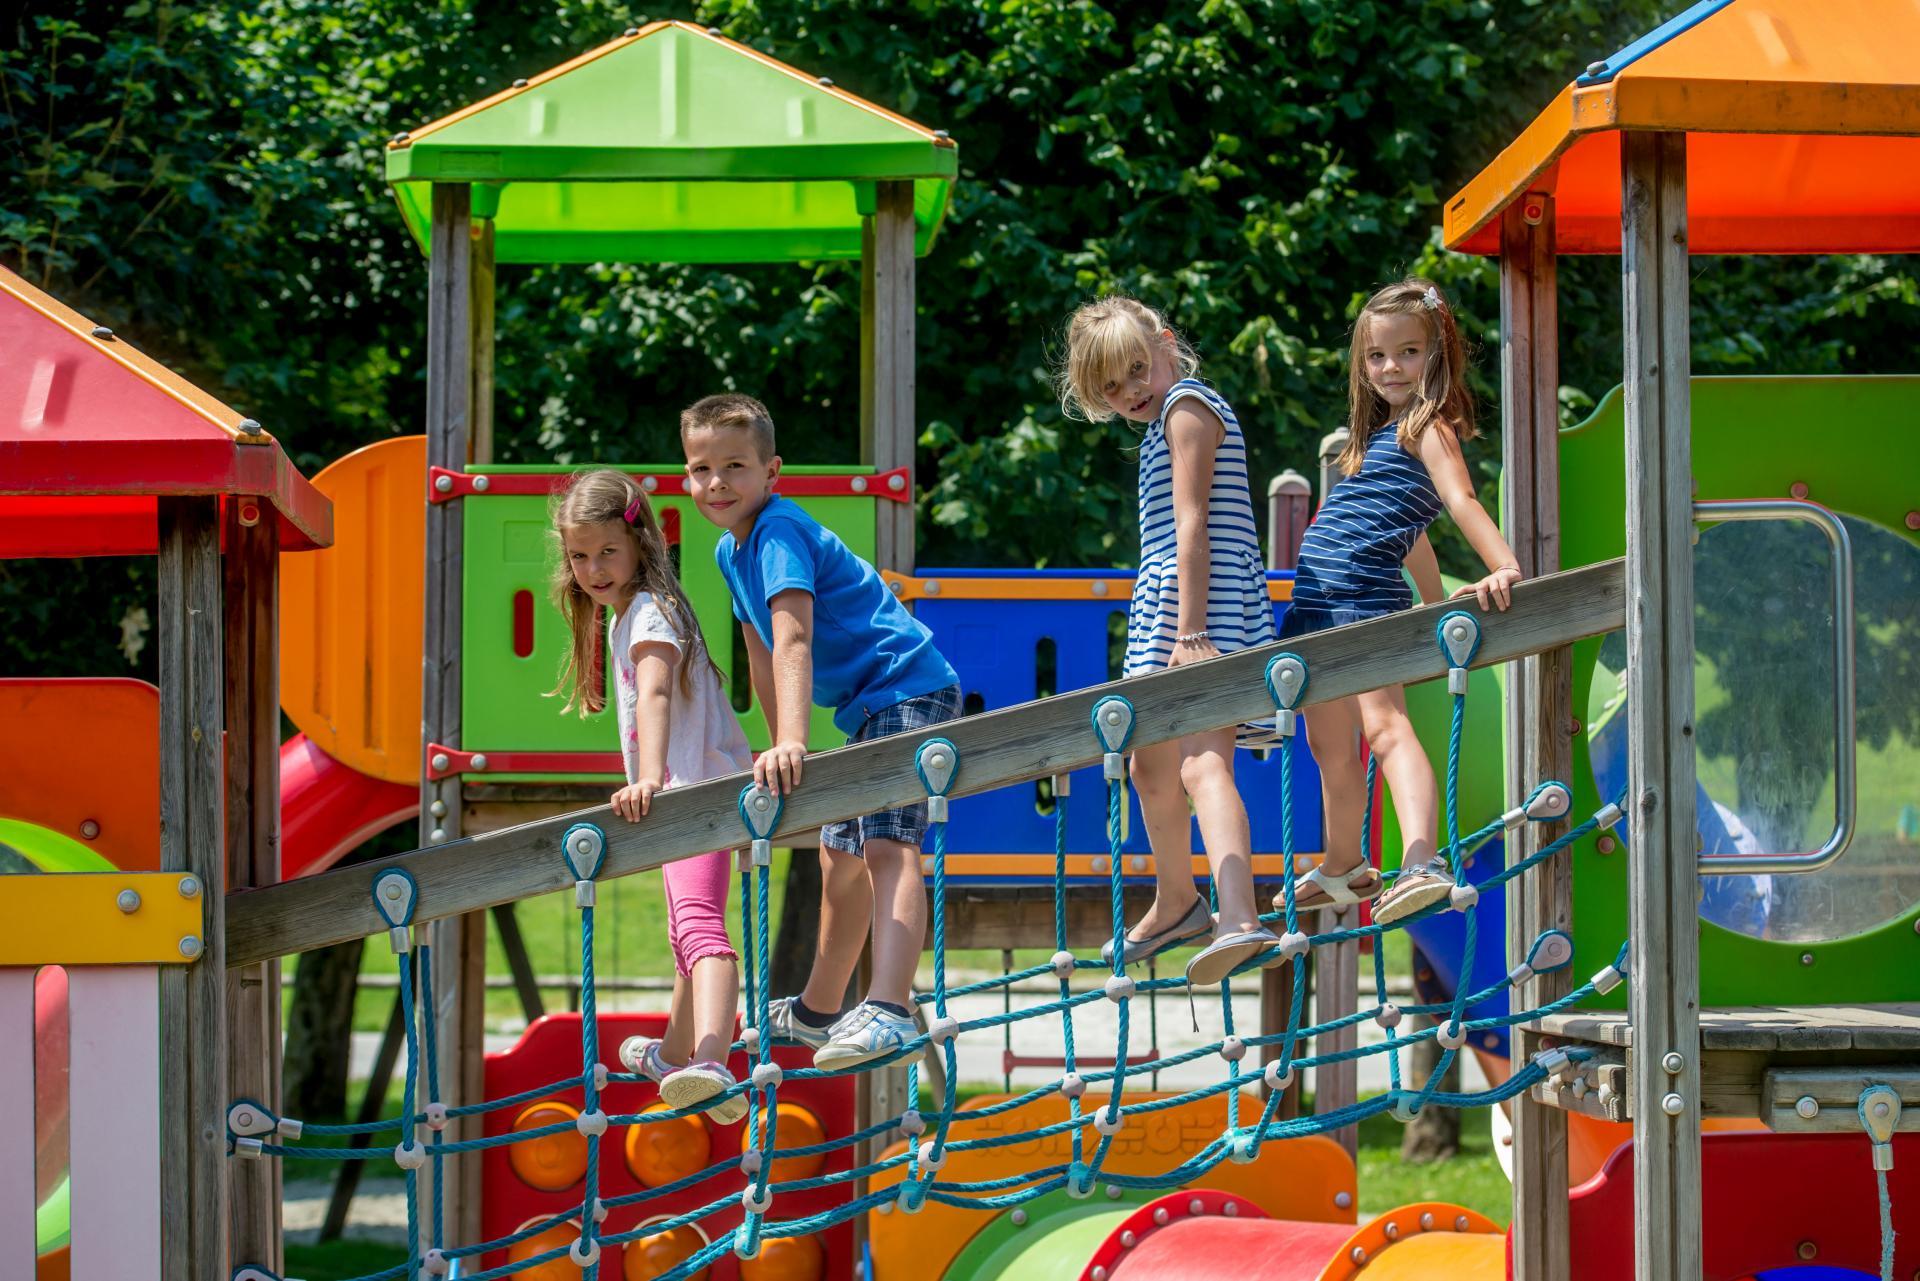 2016_PHMatteoDeStefano_Andalo_bambini_giochi_divertimento_montagna_family_parco_LifePark_Dolomiti_Paganella_Trentino_104.jpg